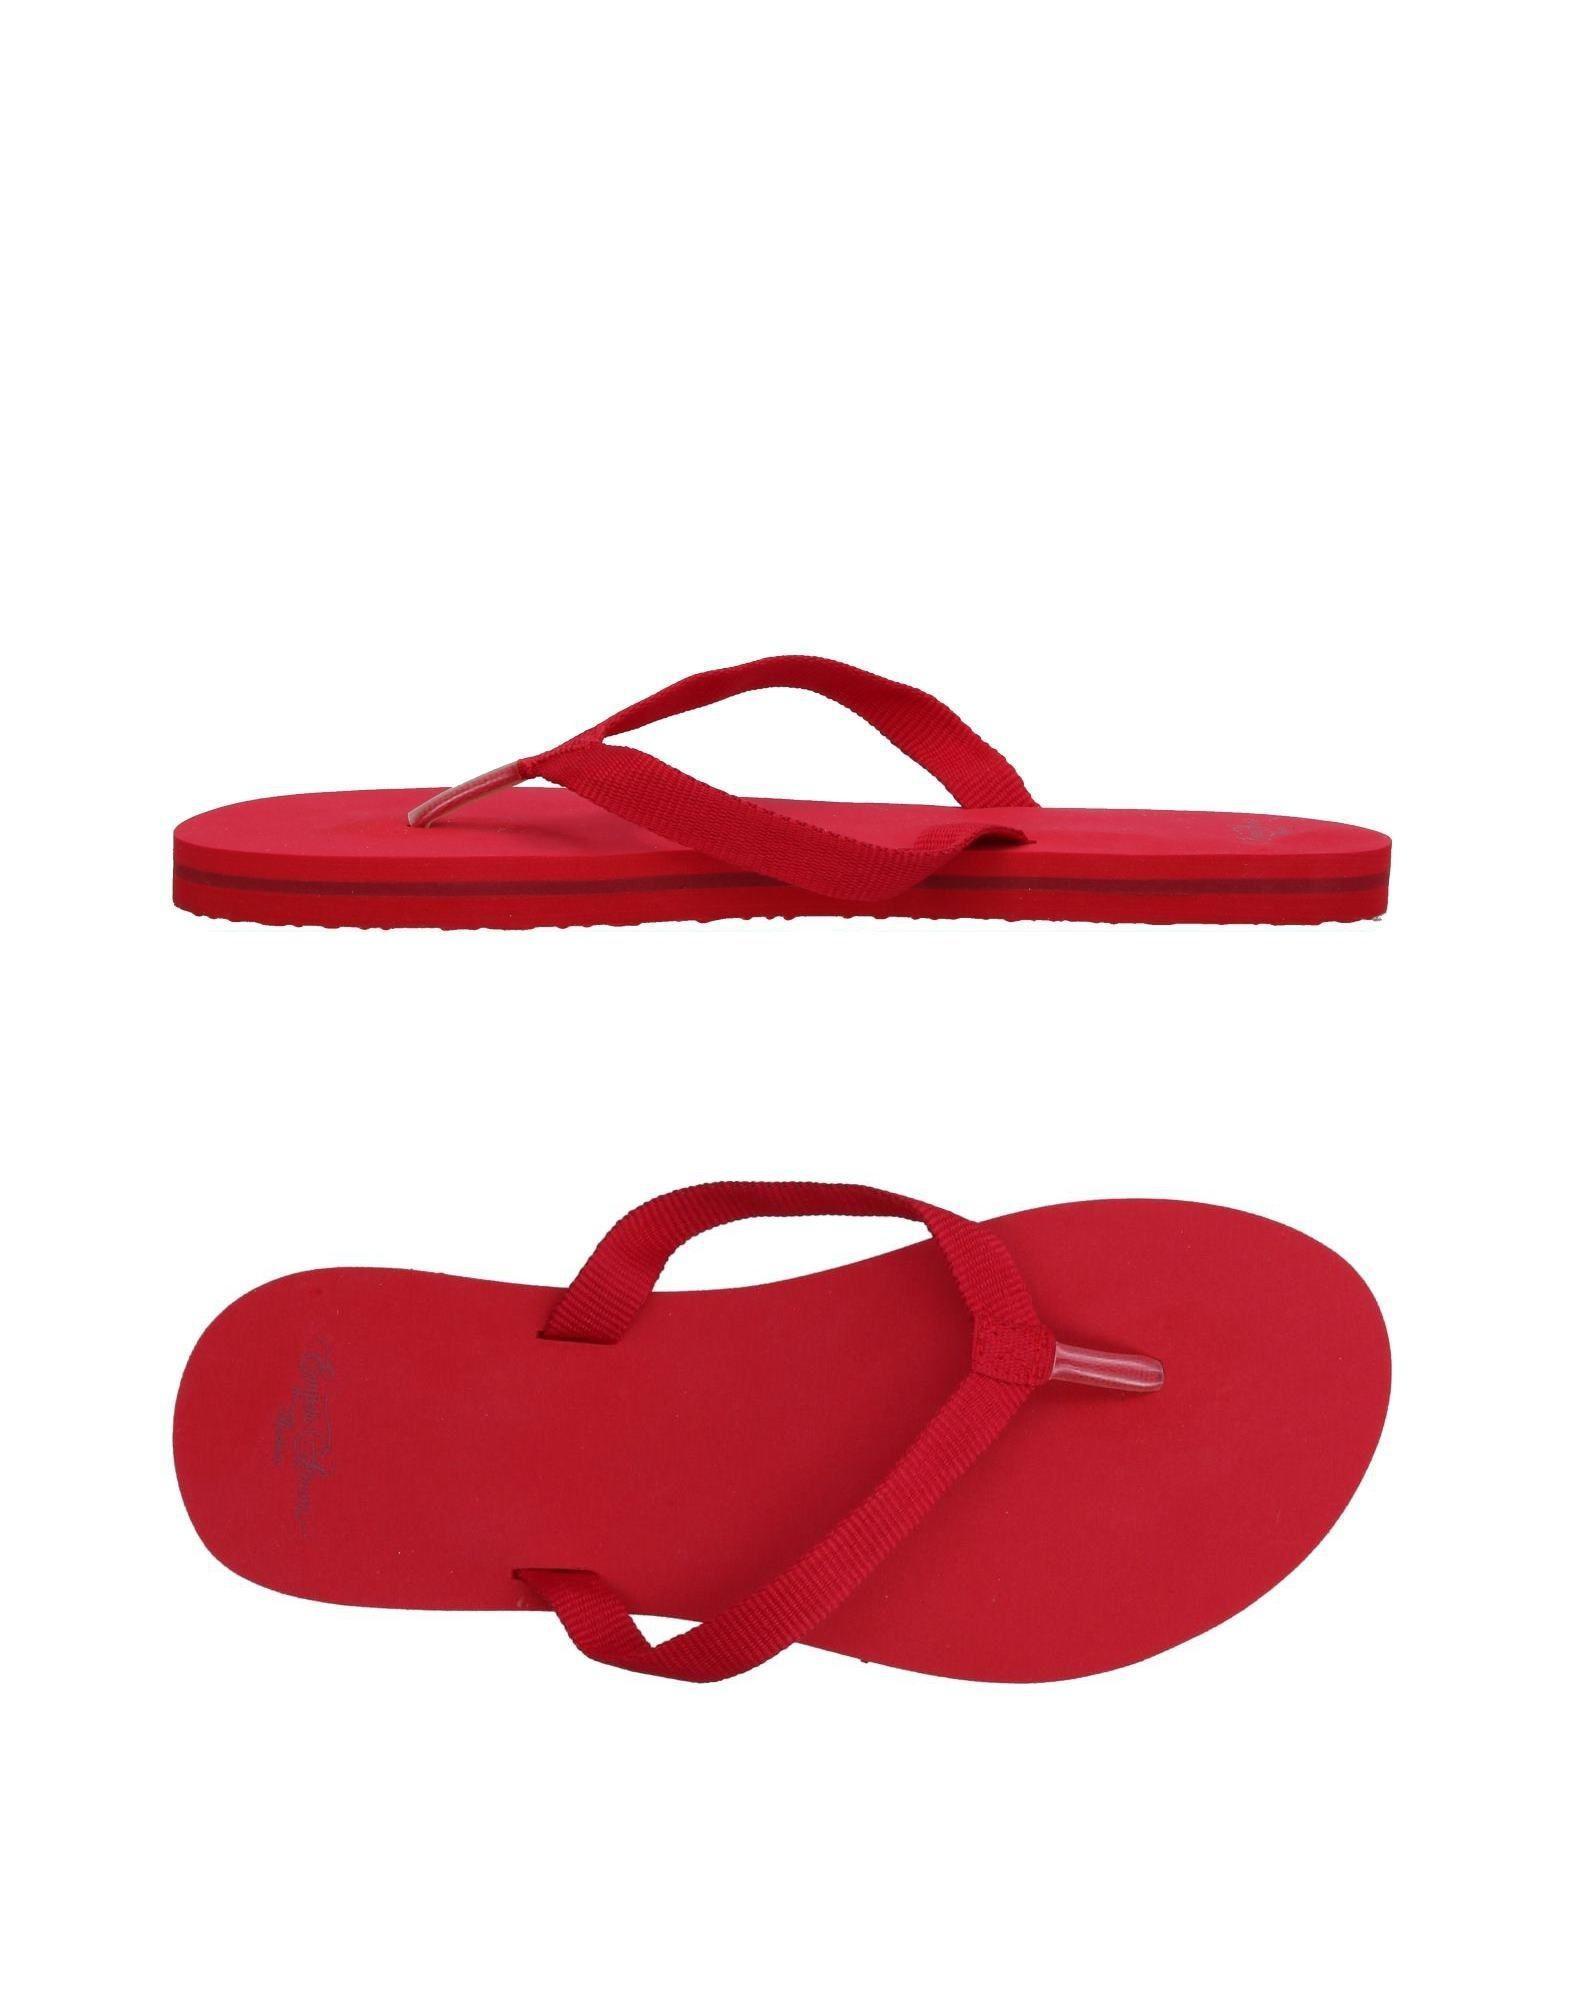 Sandale Entredoigt Armani Emporio BrMxWv